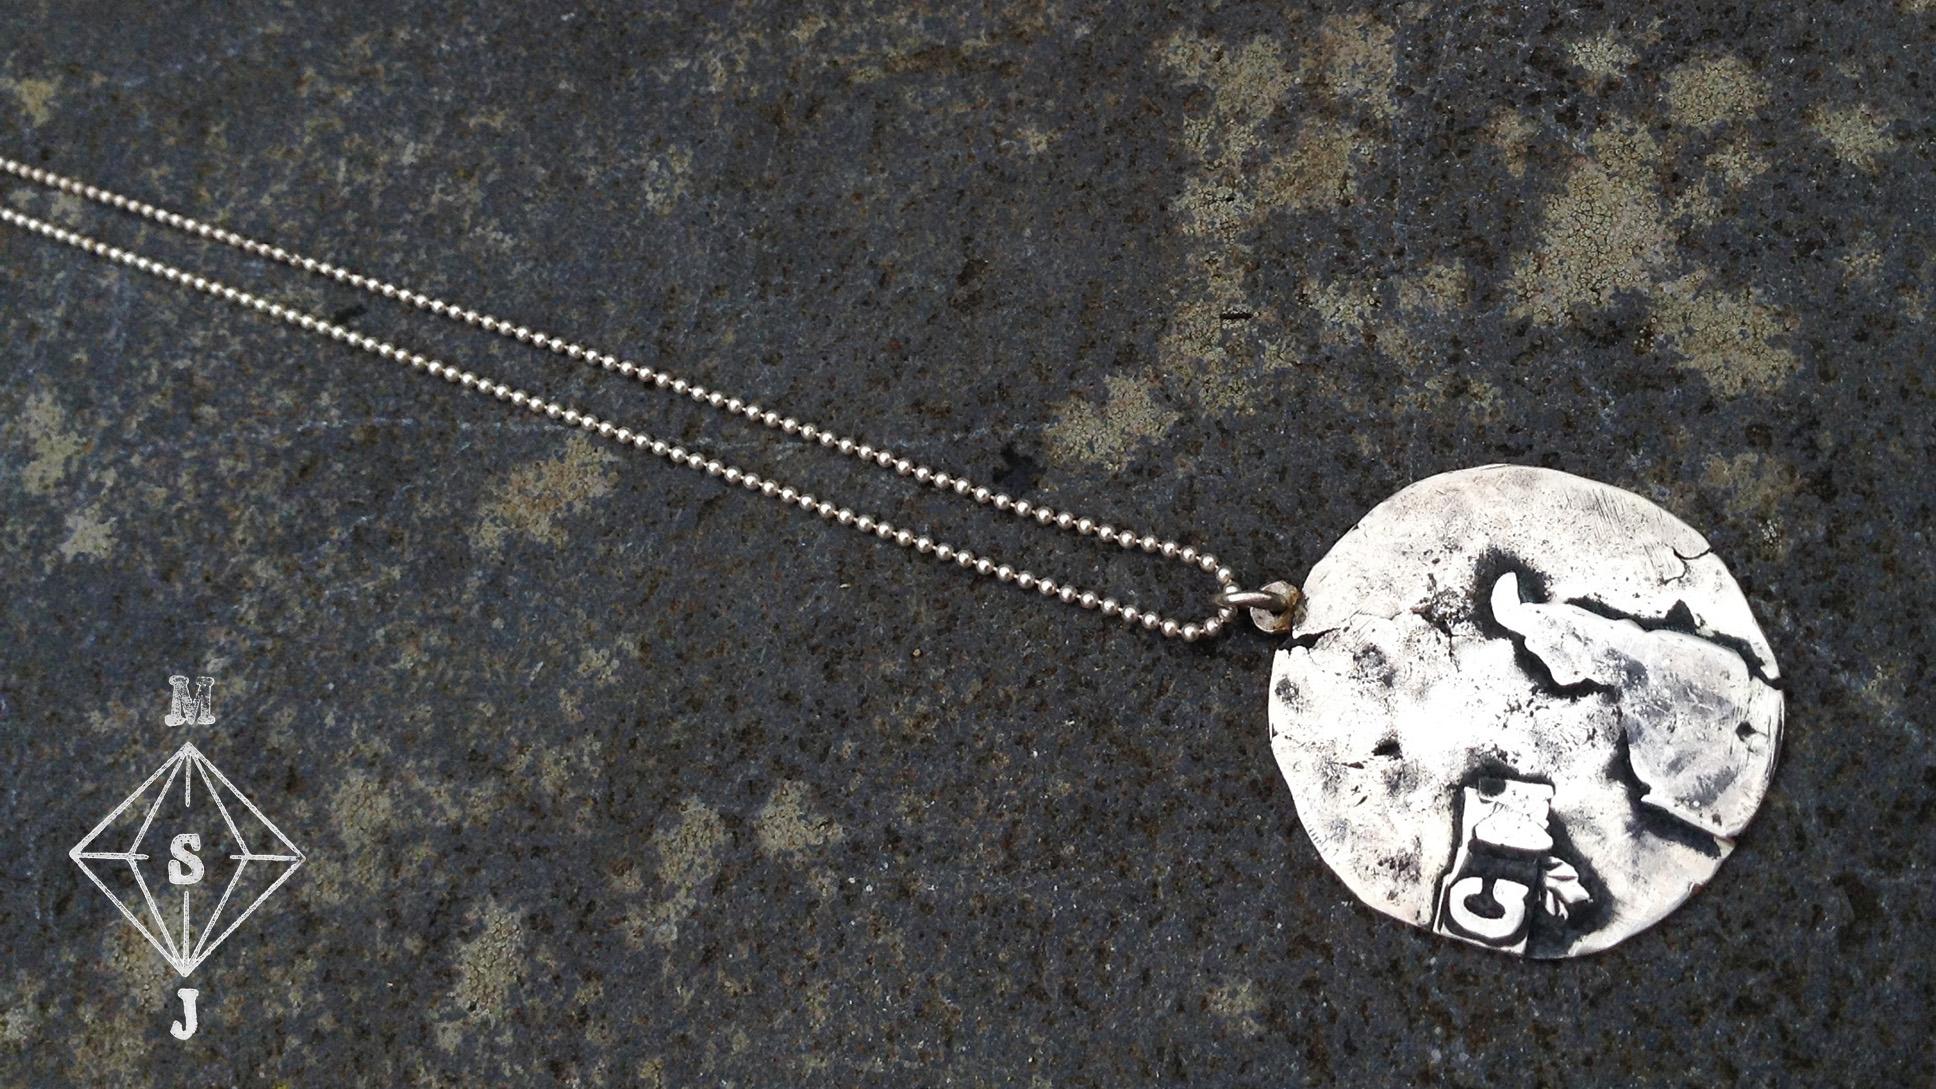 G Full moon pendant and logo.jpg